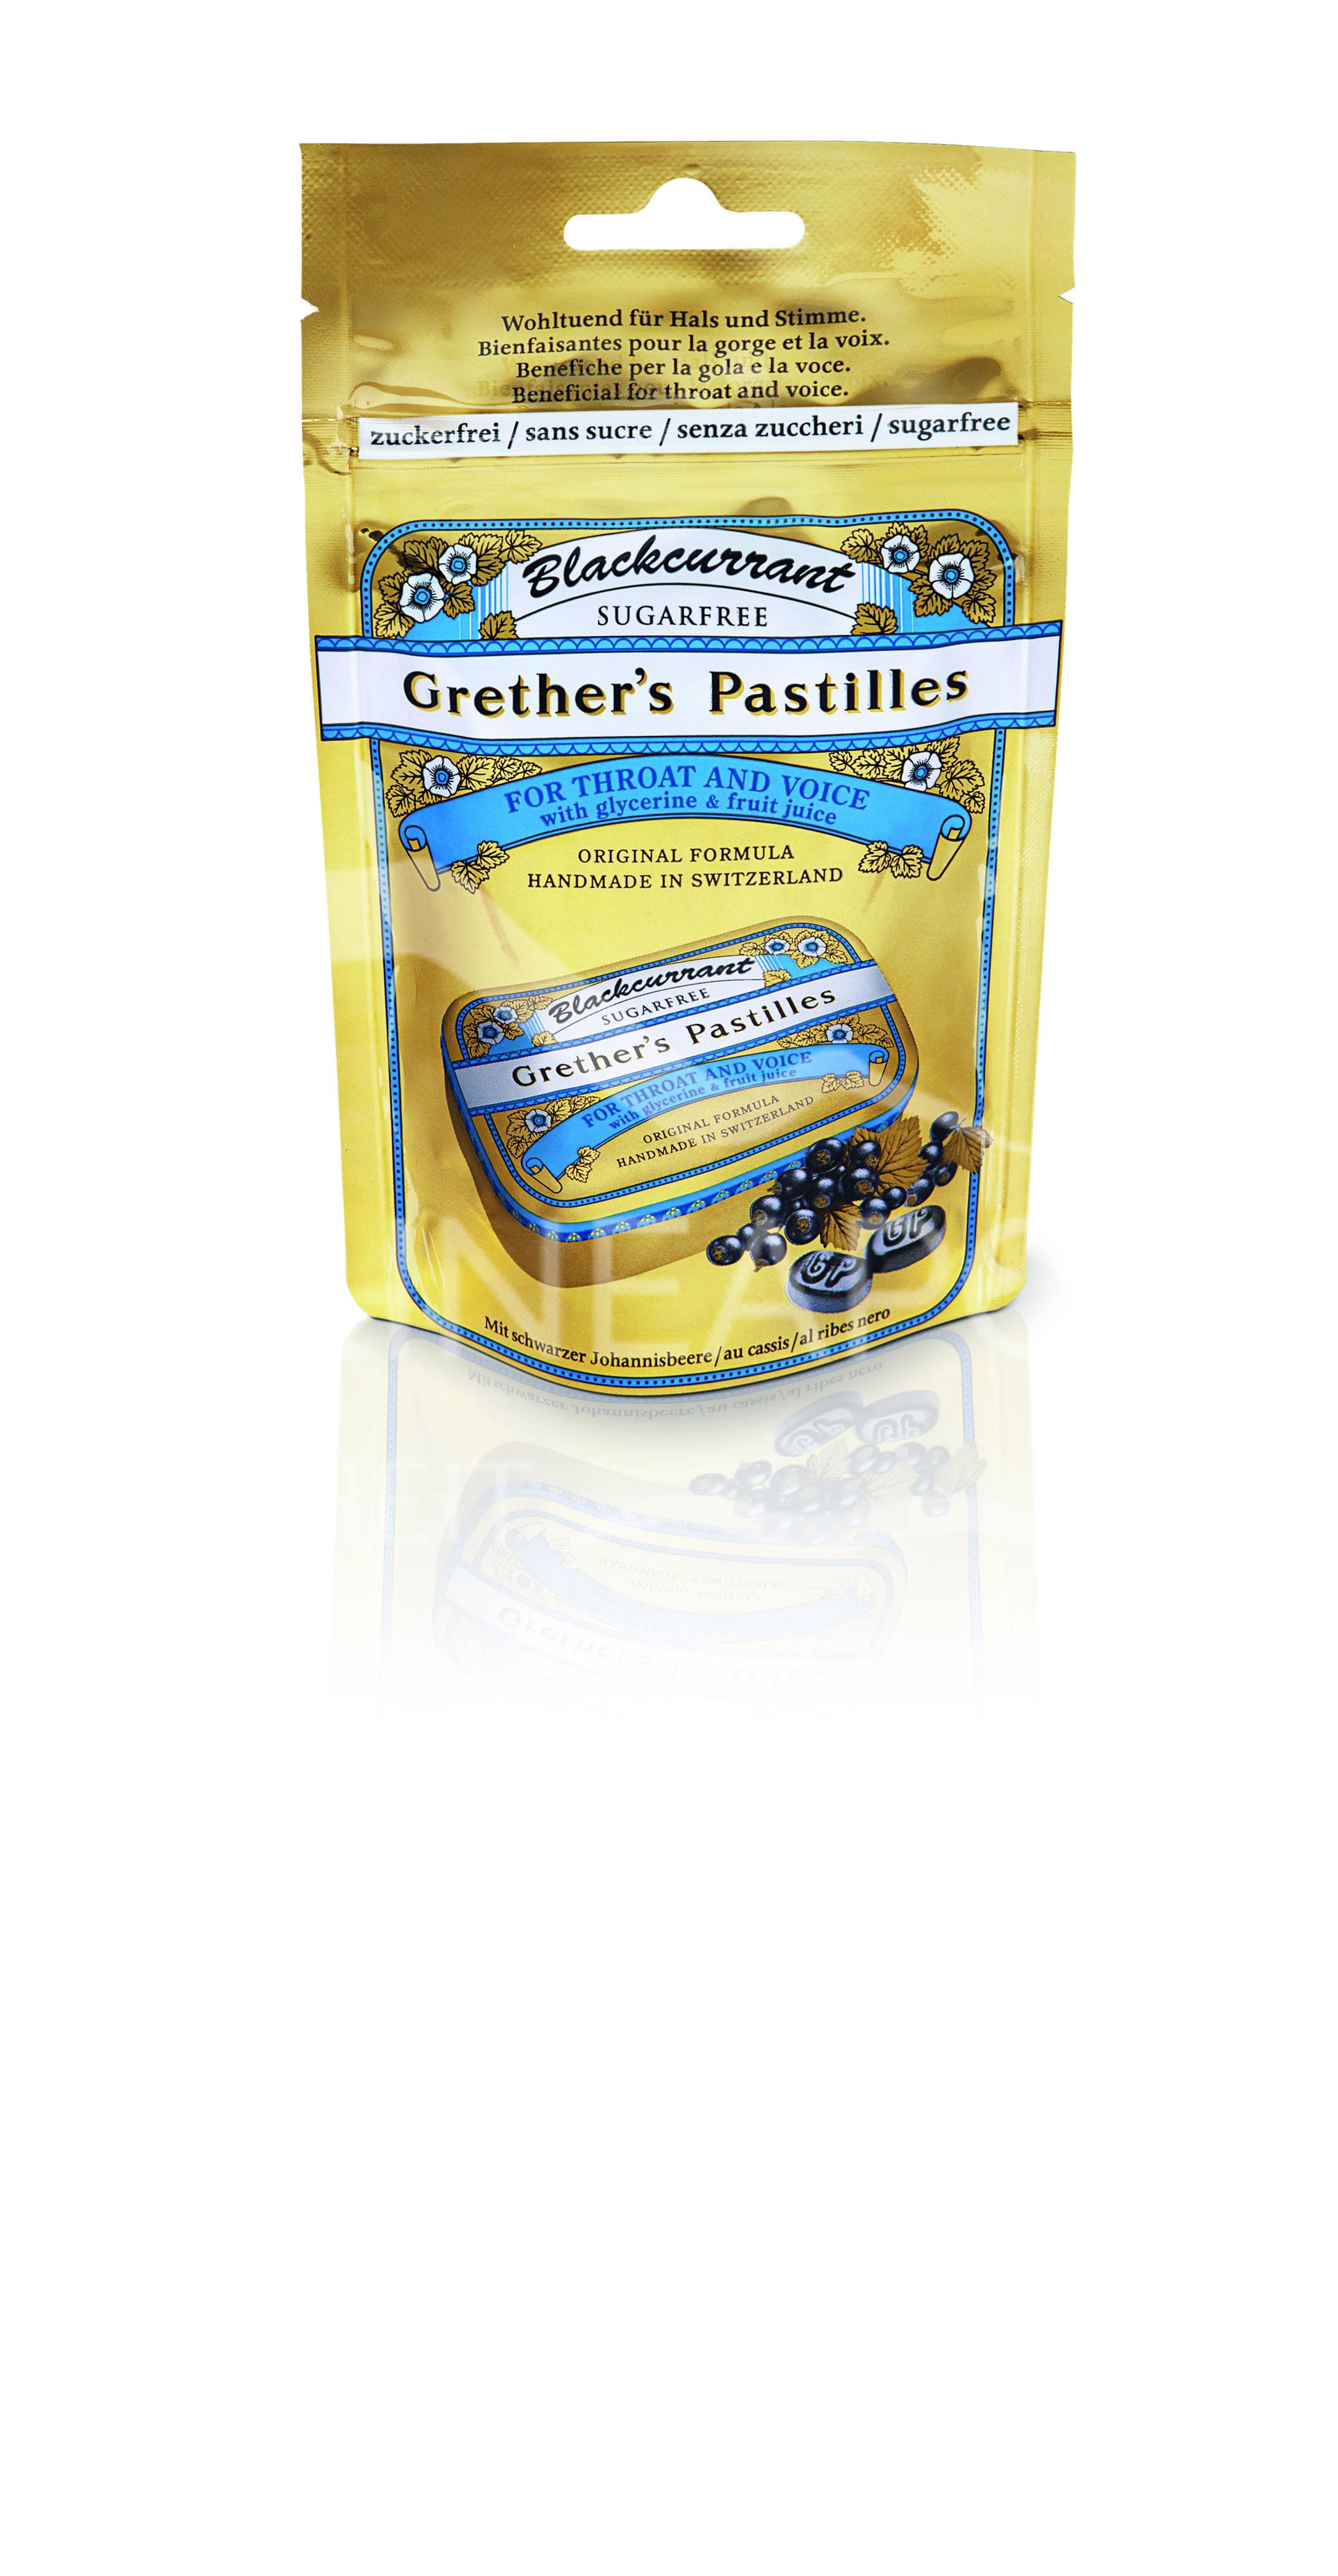 Grether's Pastilles Blackcurrant zuckerfrei